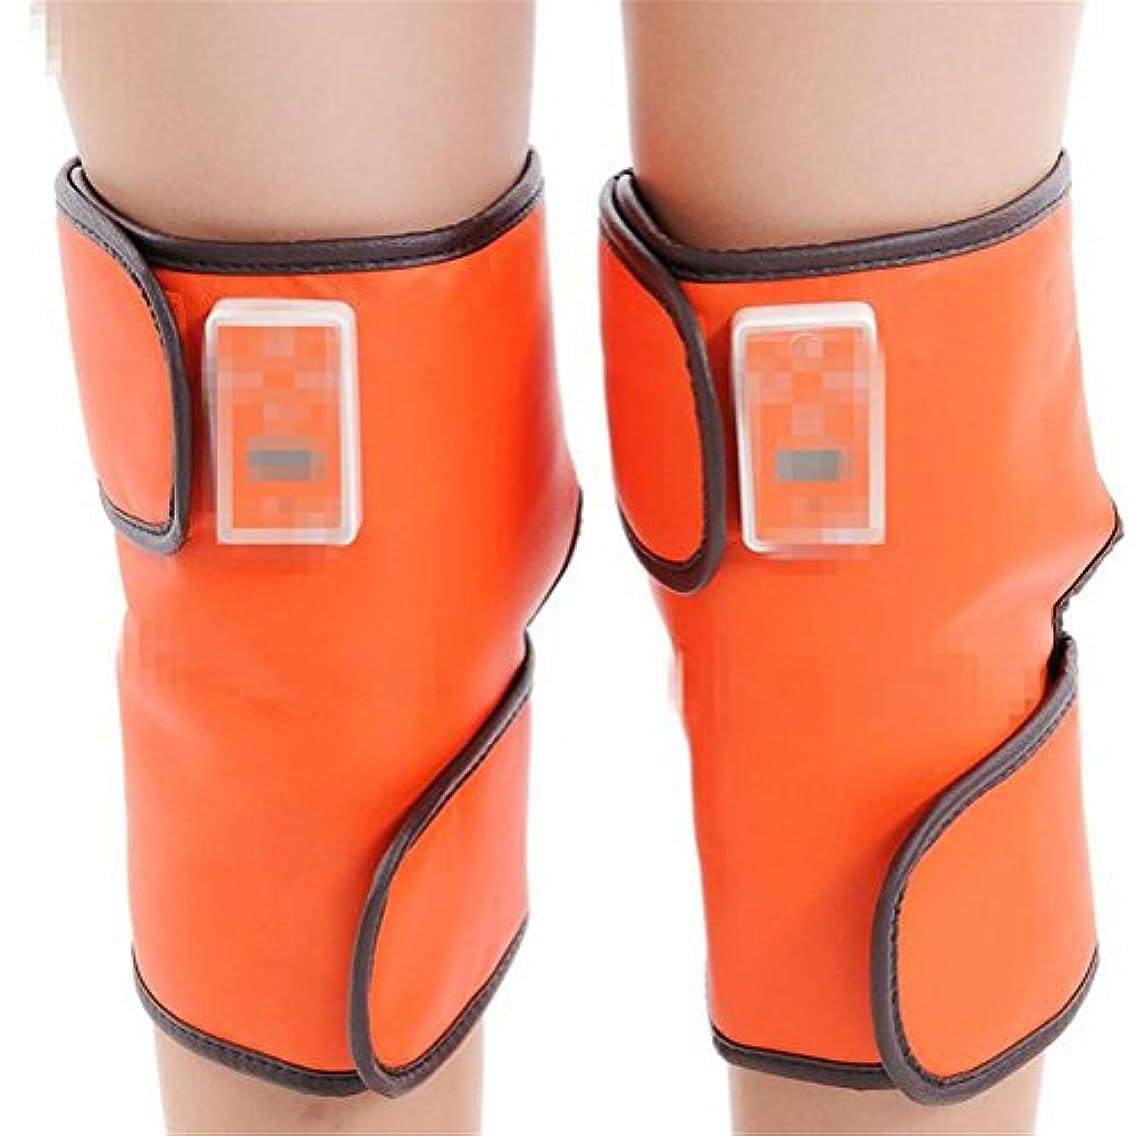 警察罹患率超えるエレジーンス-Z電気膝パッド遠赤外線老膝膝パッド健康療法救済装置クリスマスハイエンドギフト